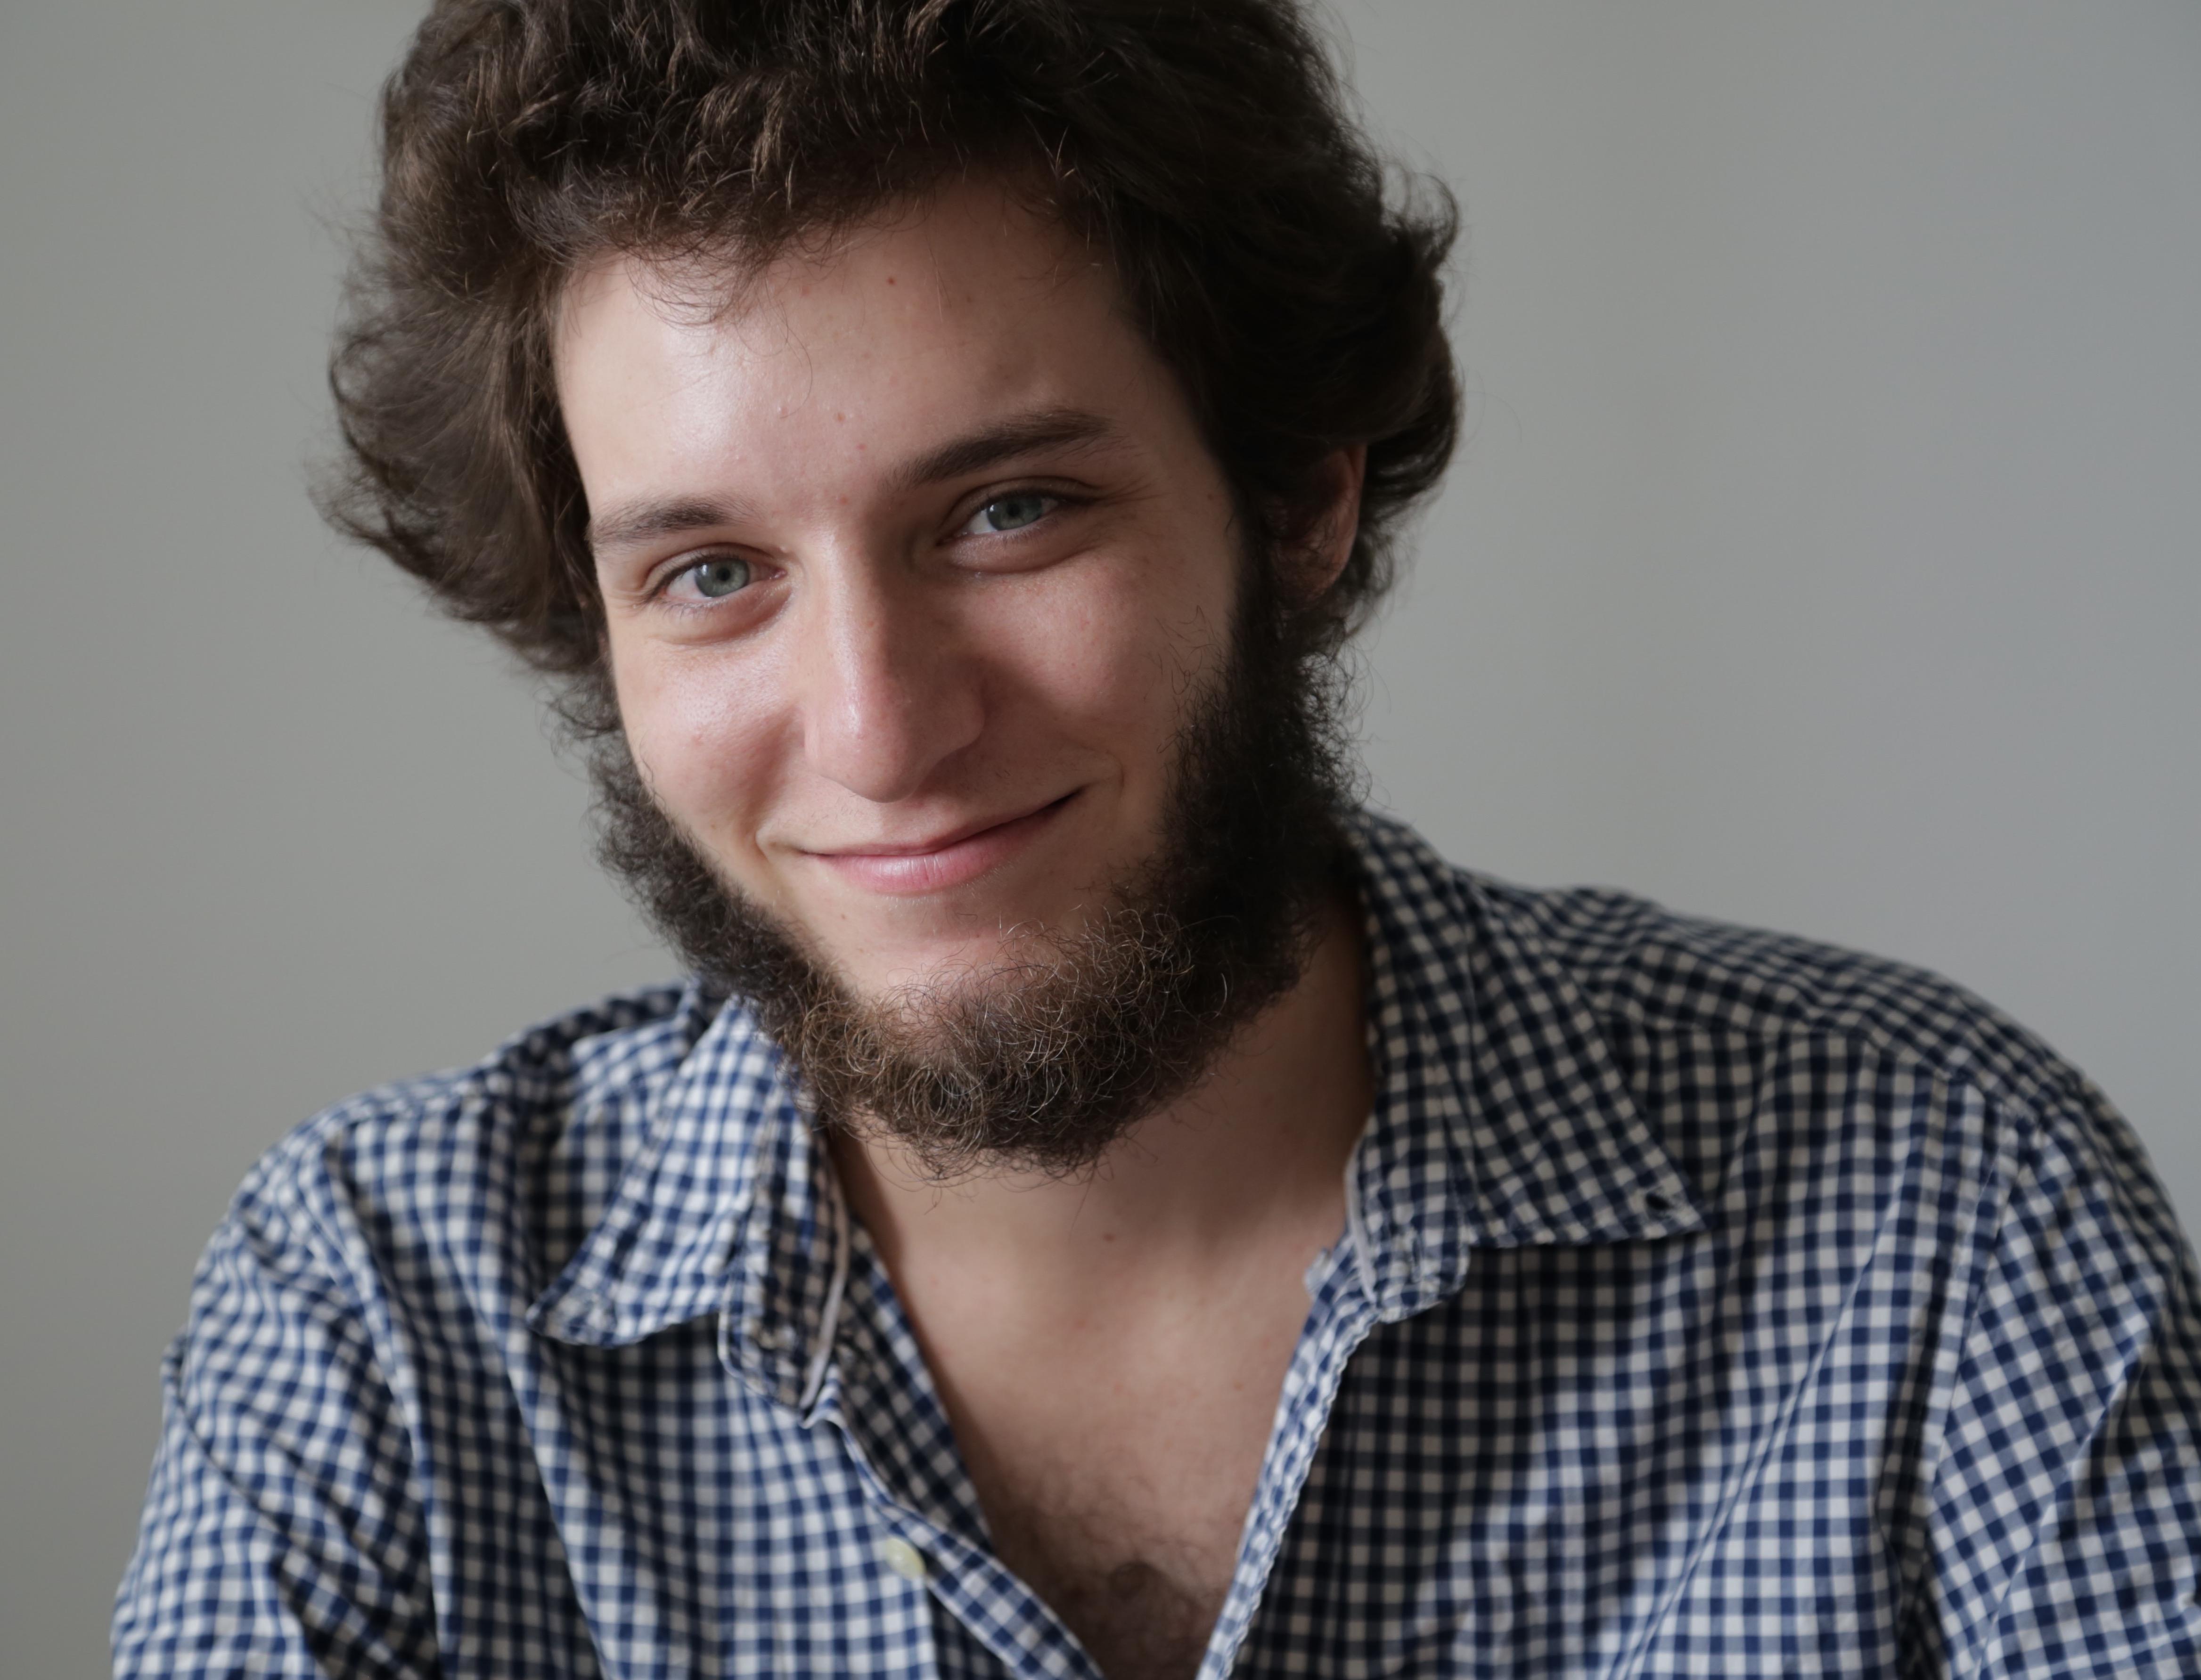 Guilherme Farkas